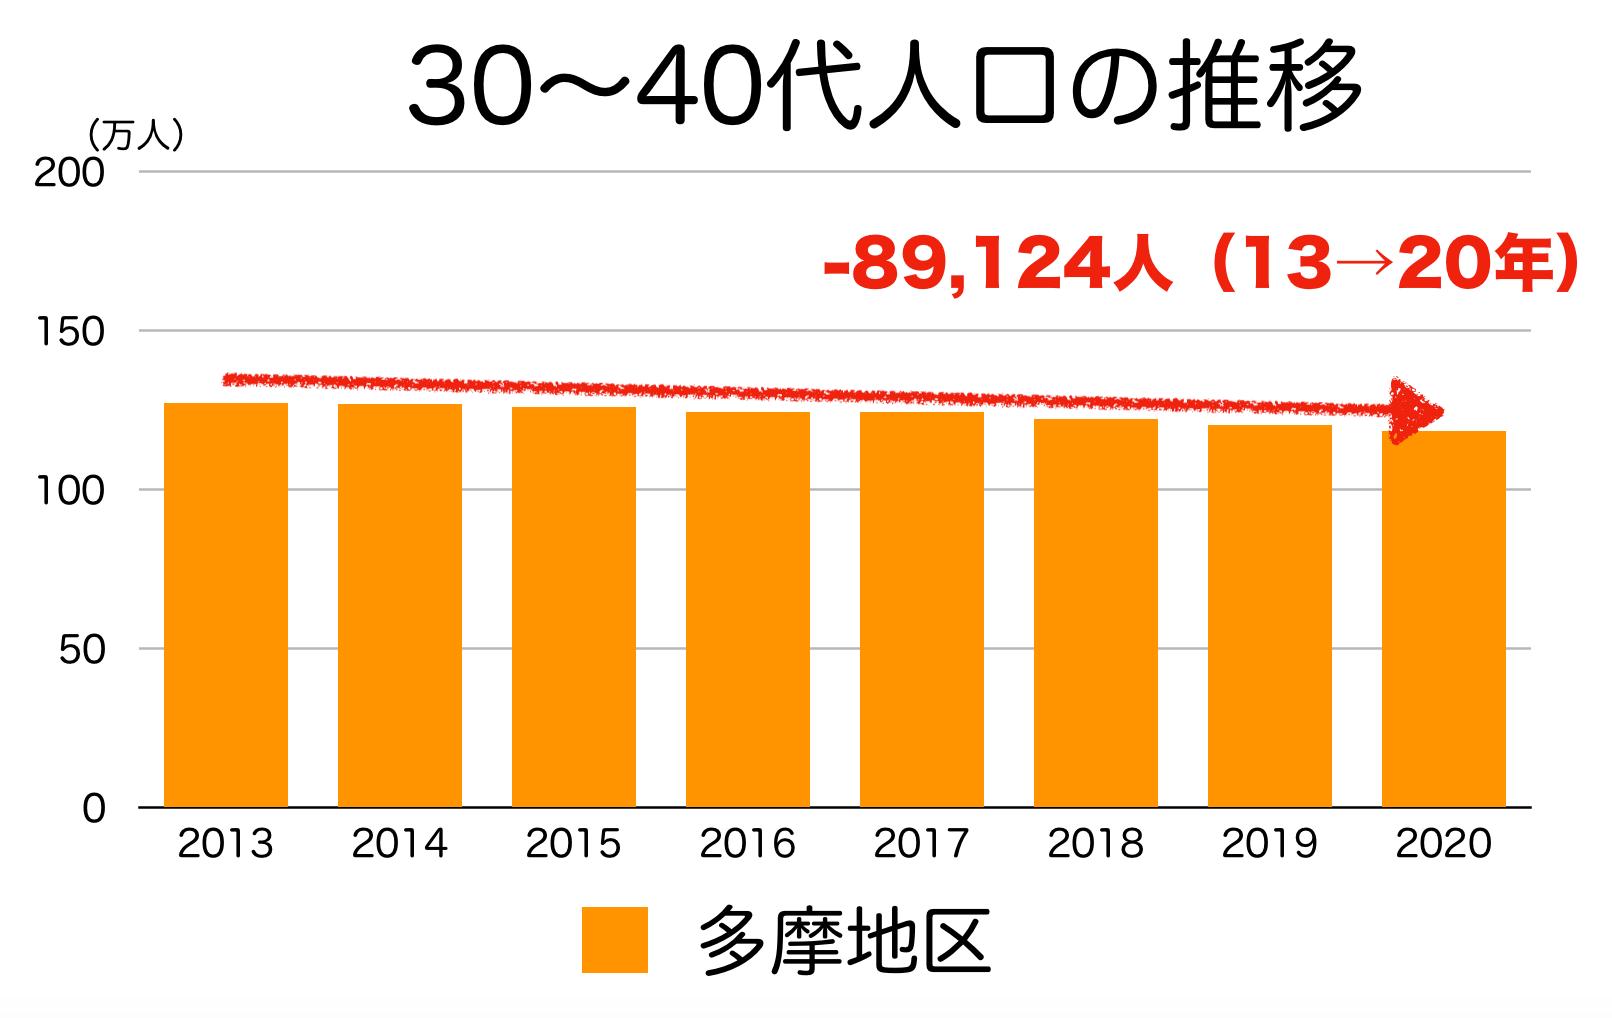 東京多摩地区の30〜40代人口の推移